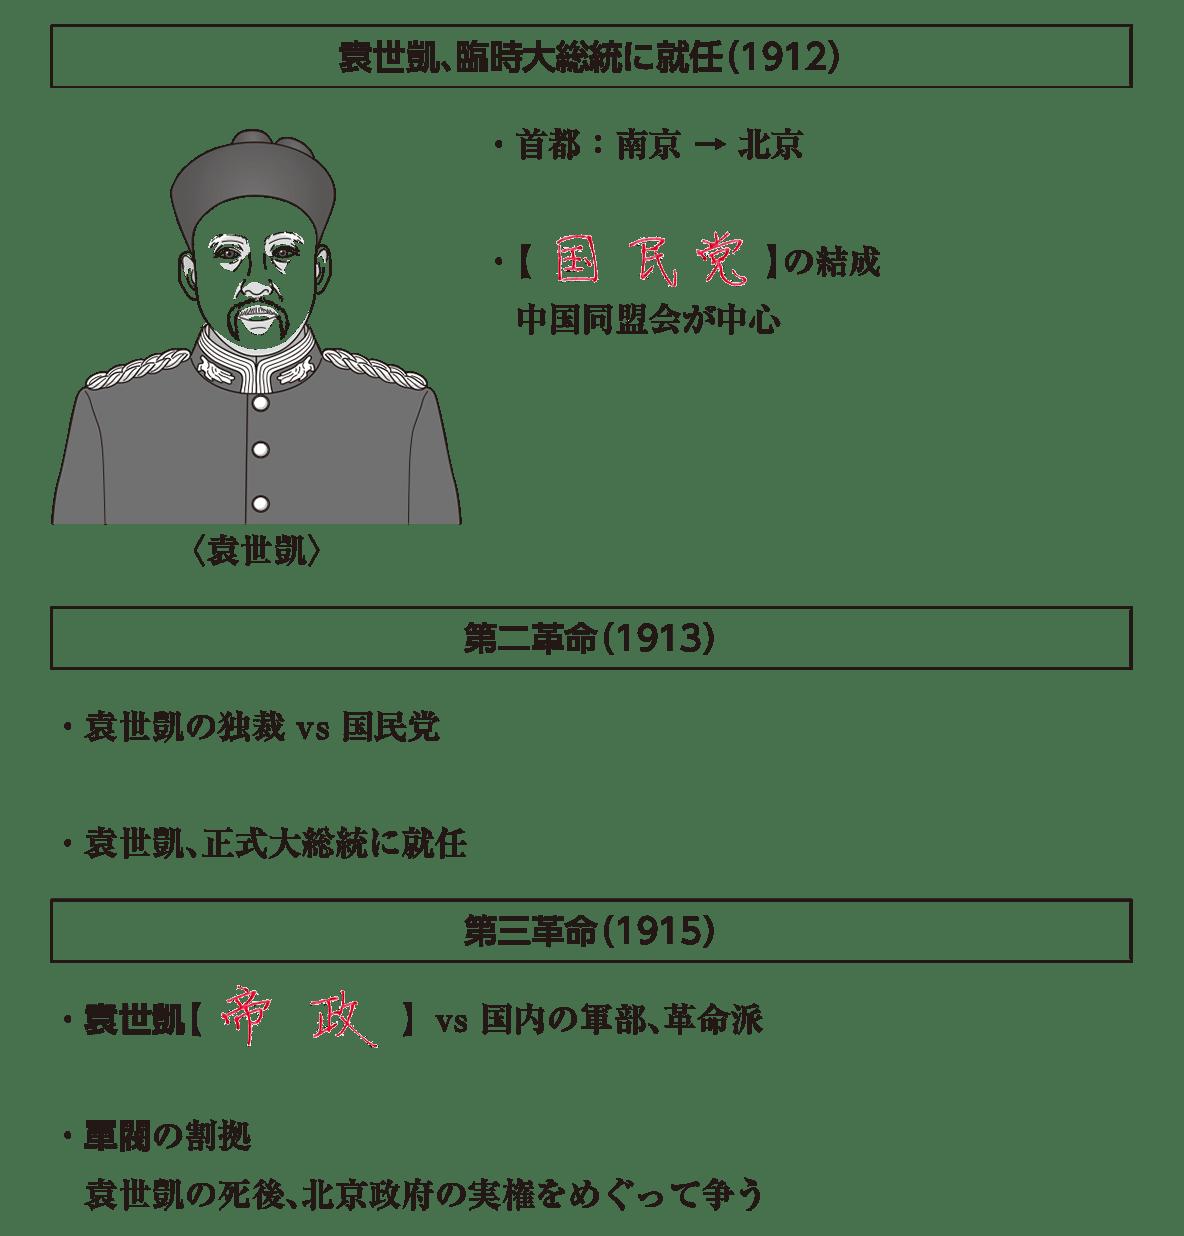 帝国主義と東アジア4 ポイント2 答え全部